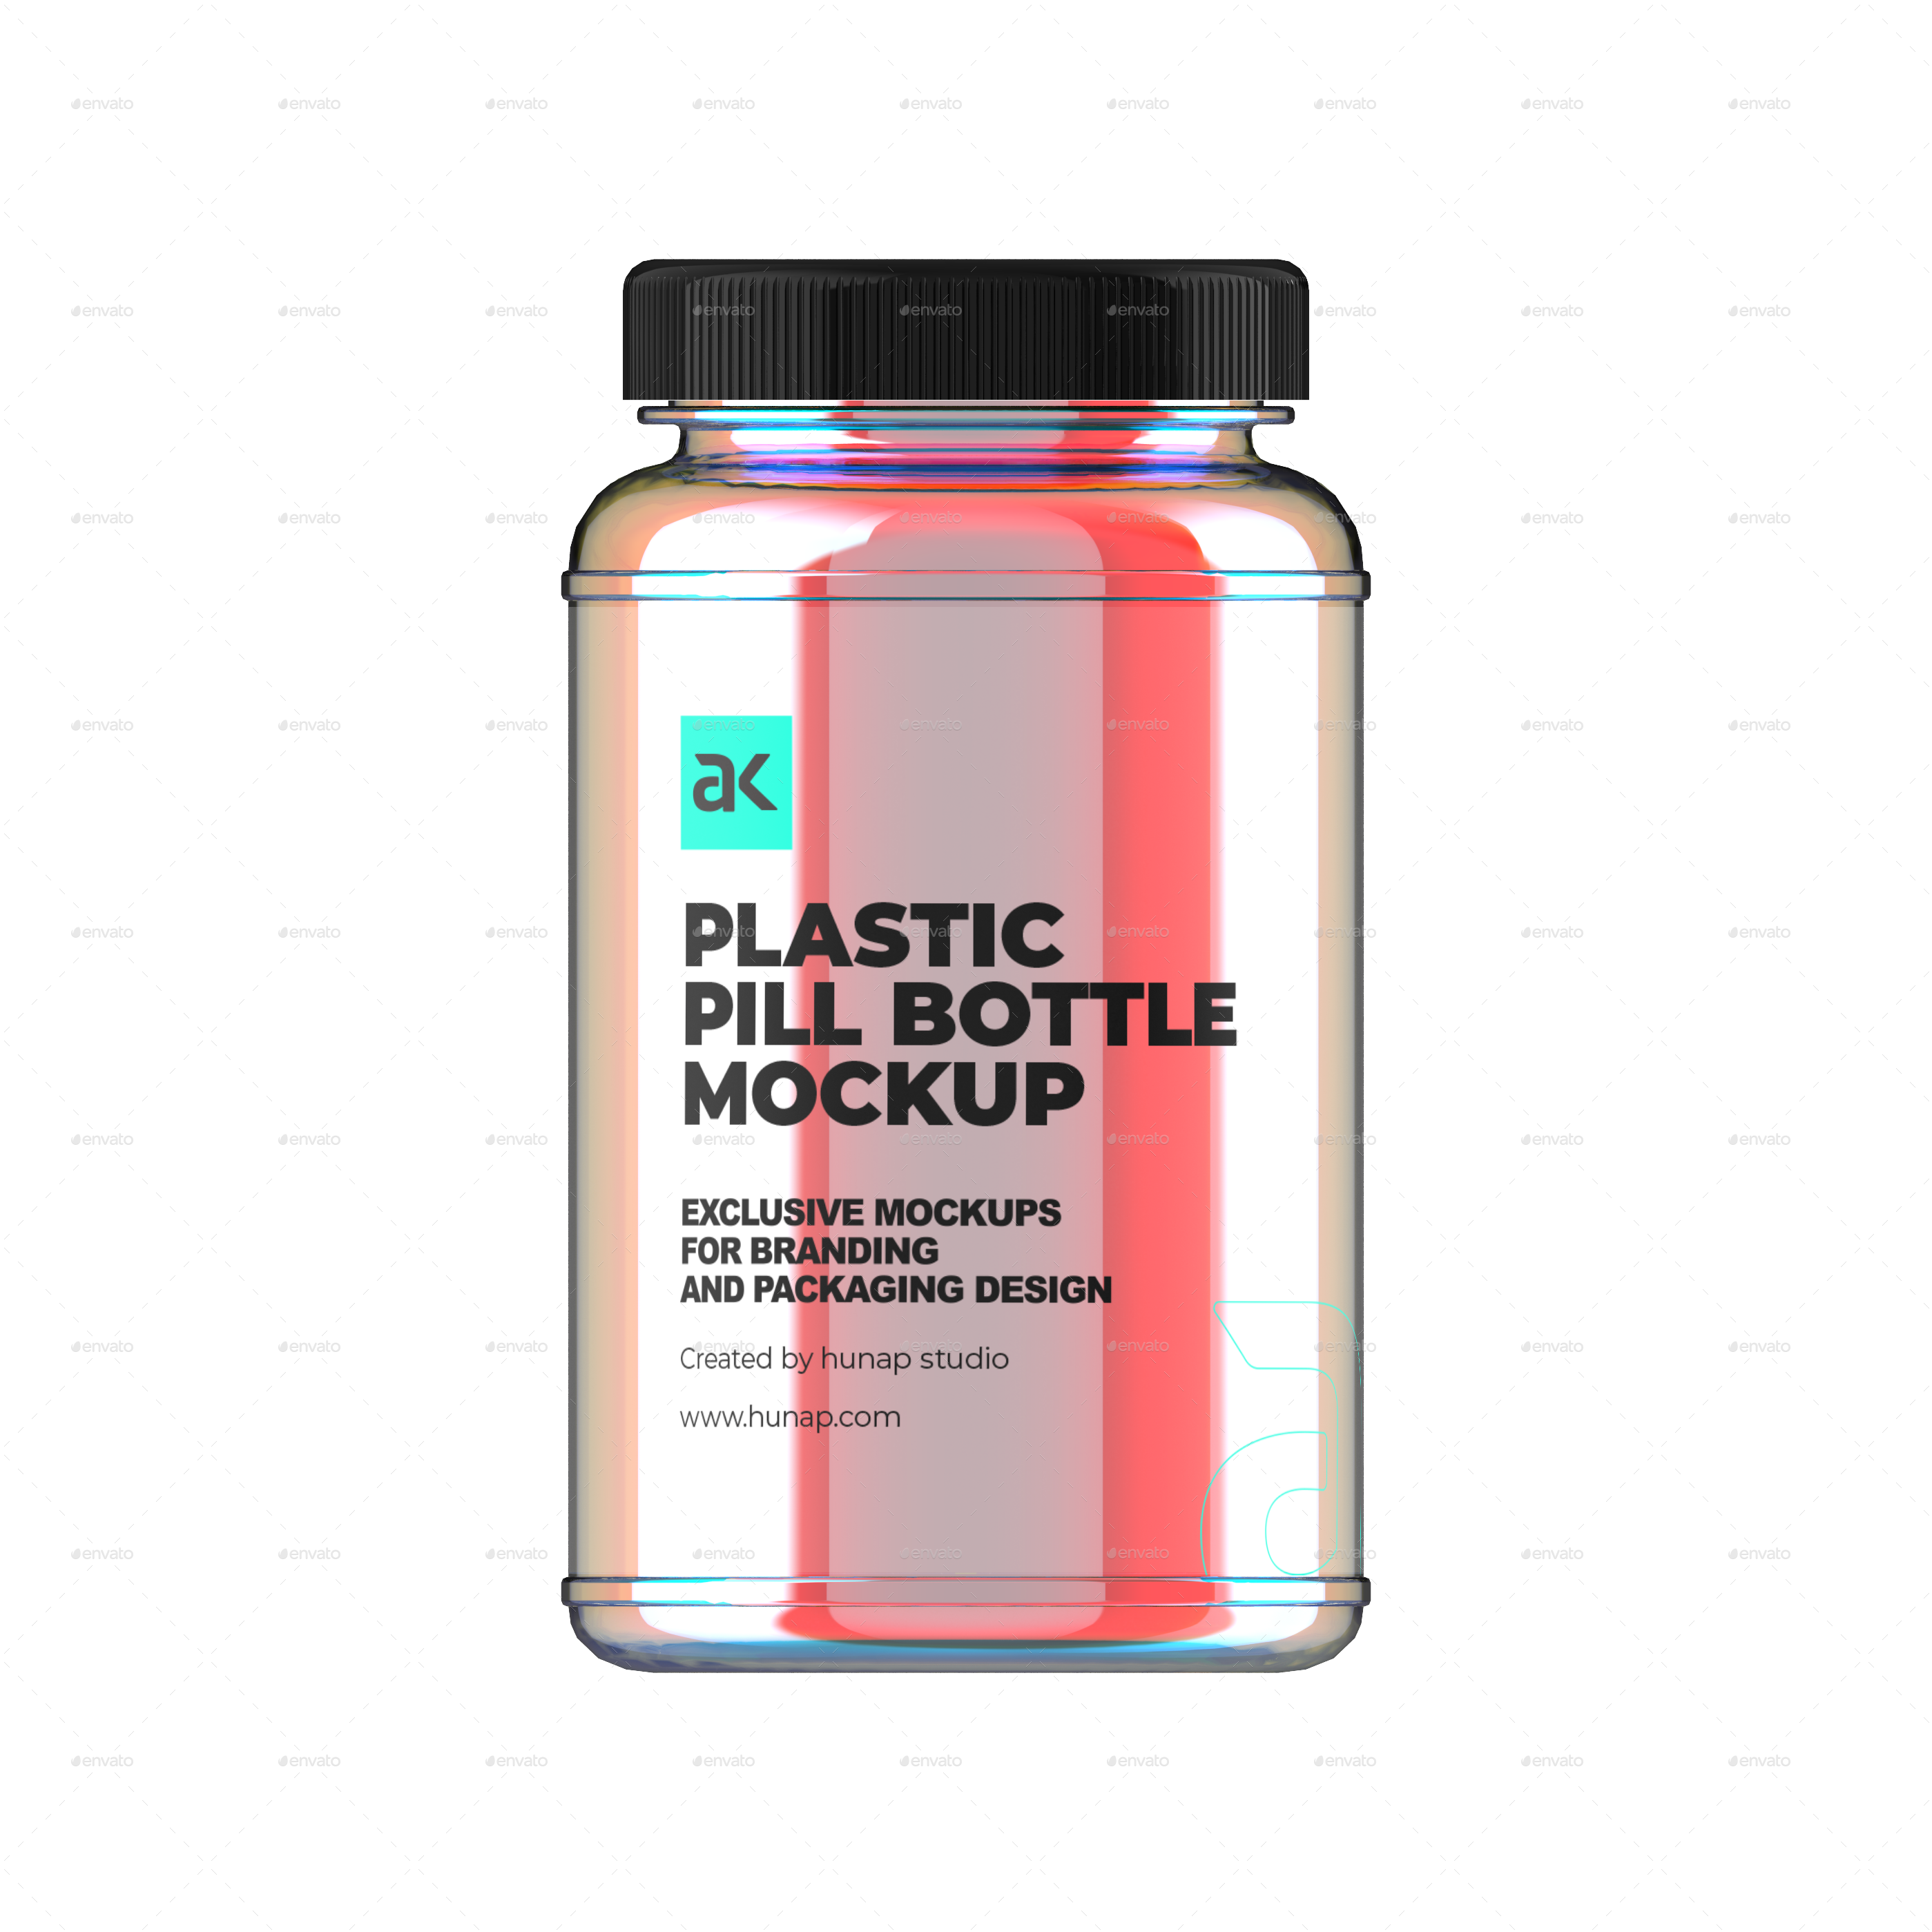 Download 36+ Black Pill Bottle Mockup PNG - Free PSD Mockups Smart ... Free Mockups